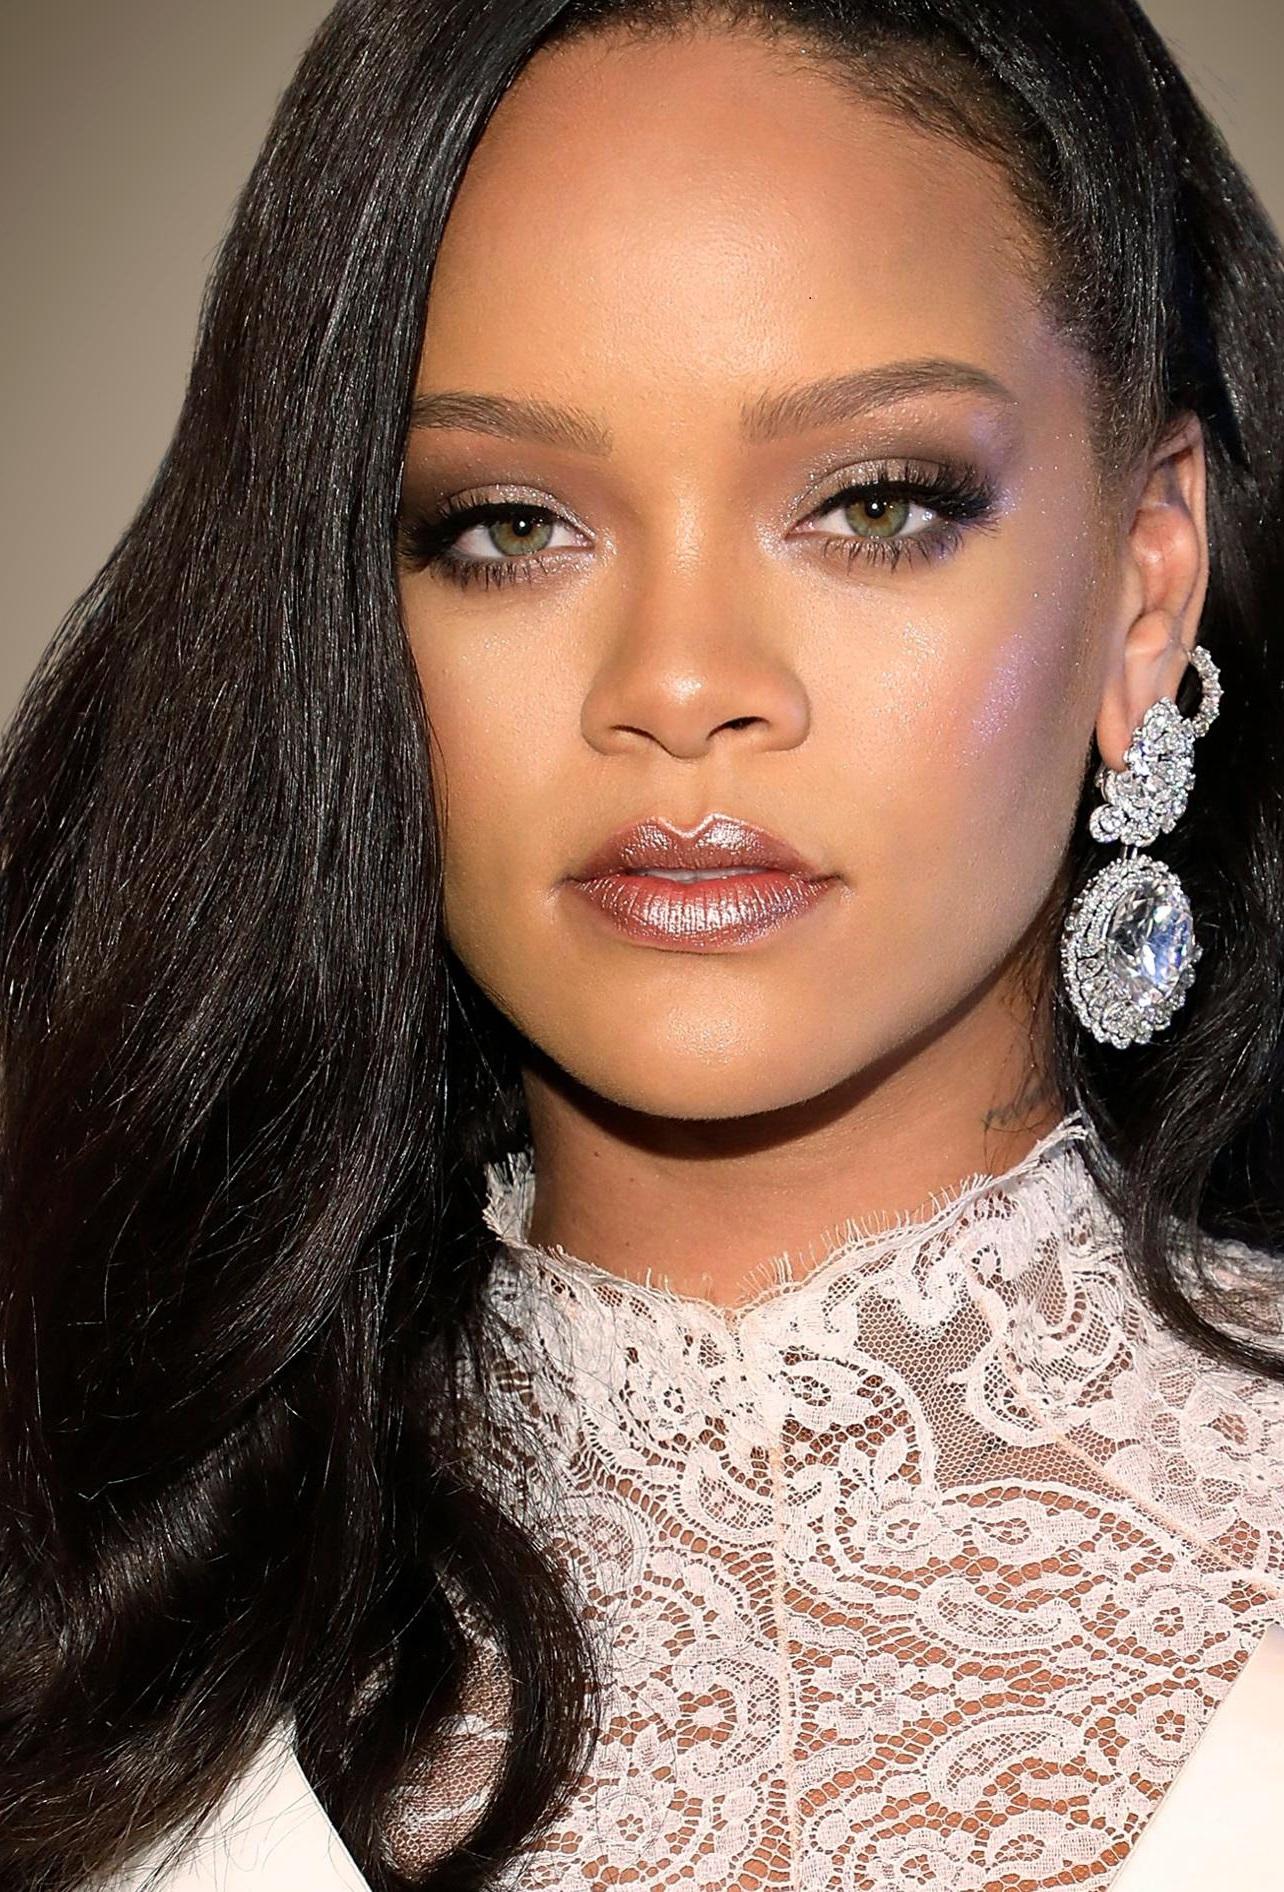 Rihanna - DirtyShip.com